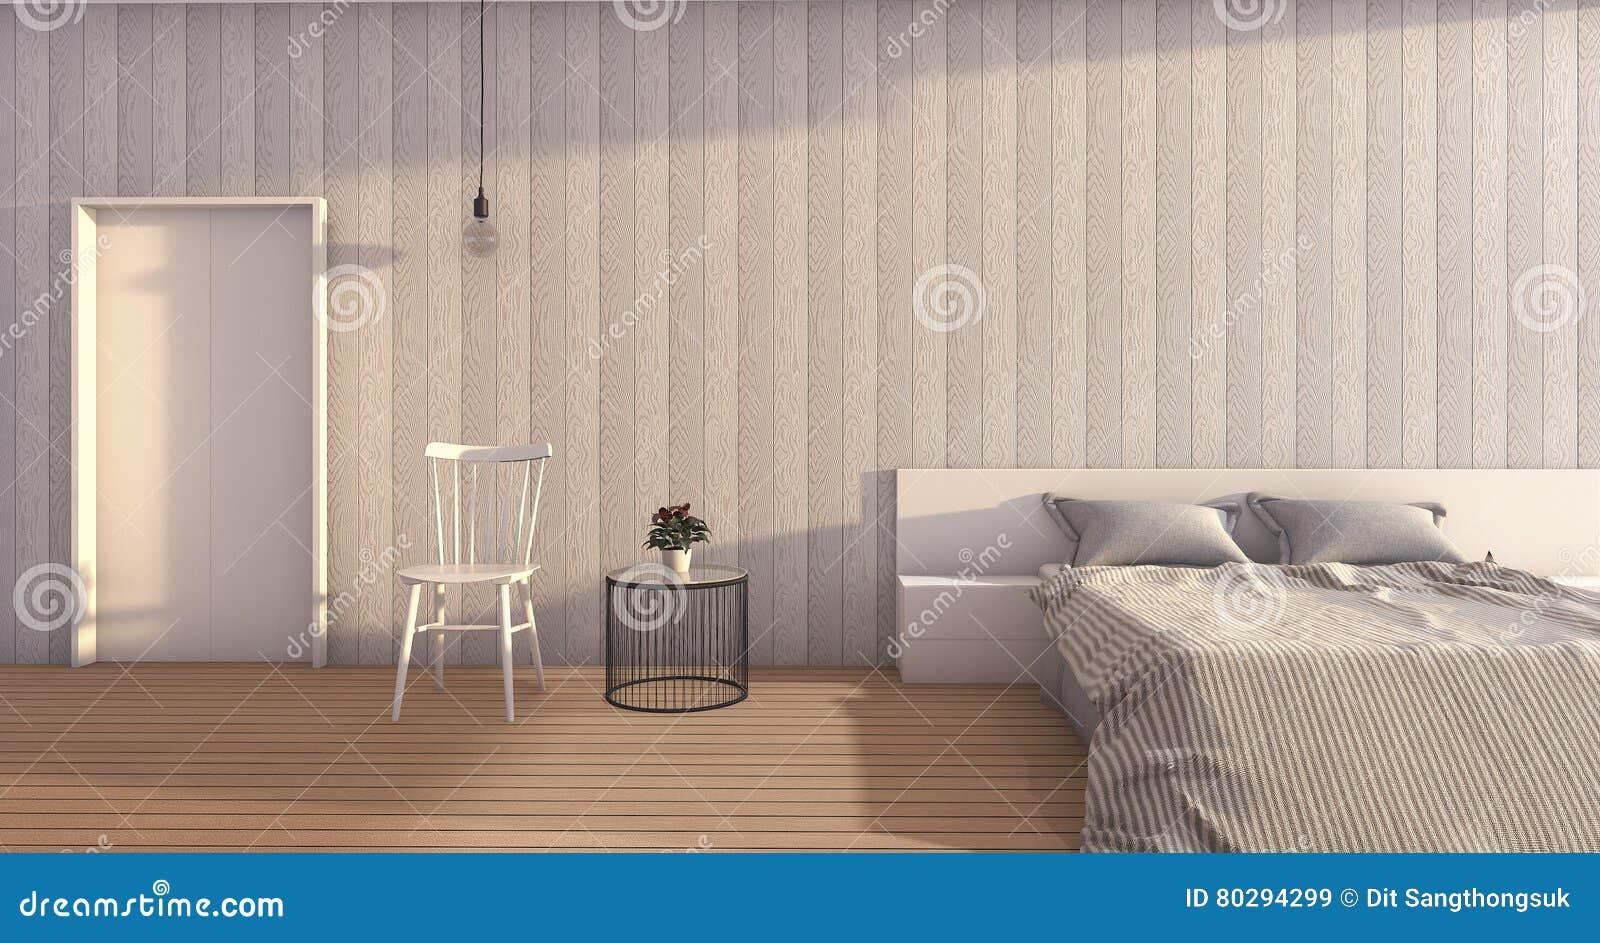 Camera Da Letto Romantica Bianca : D che rende camera da letto di legno bianca con luce del giorno